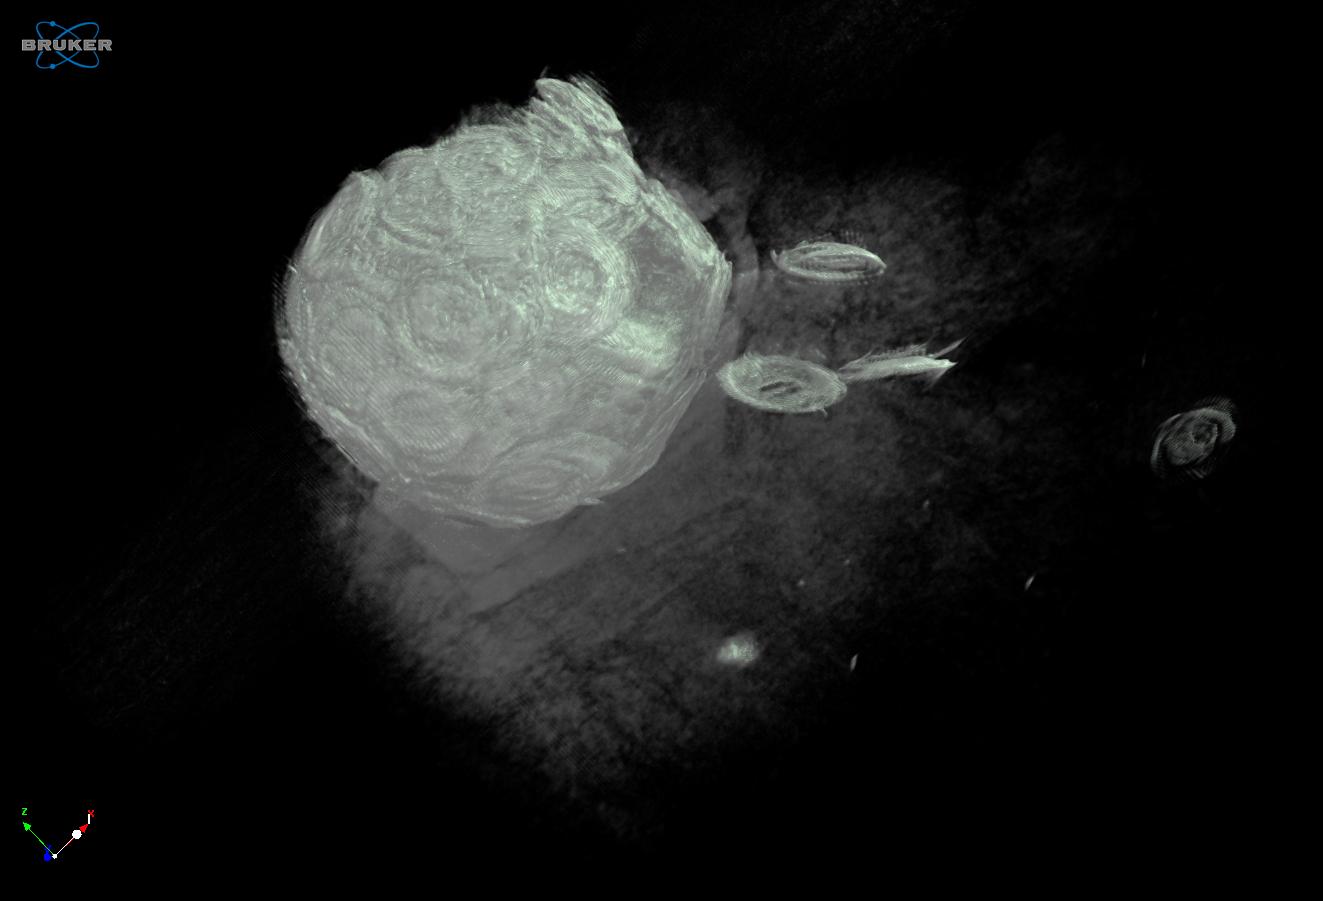 CT-Aufnahme mit weißen Schemen vieler dicht aneinander gepackter Münzen